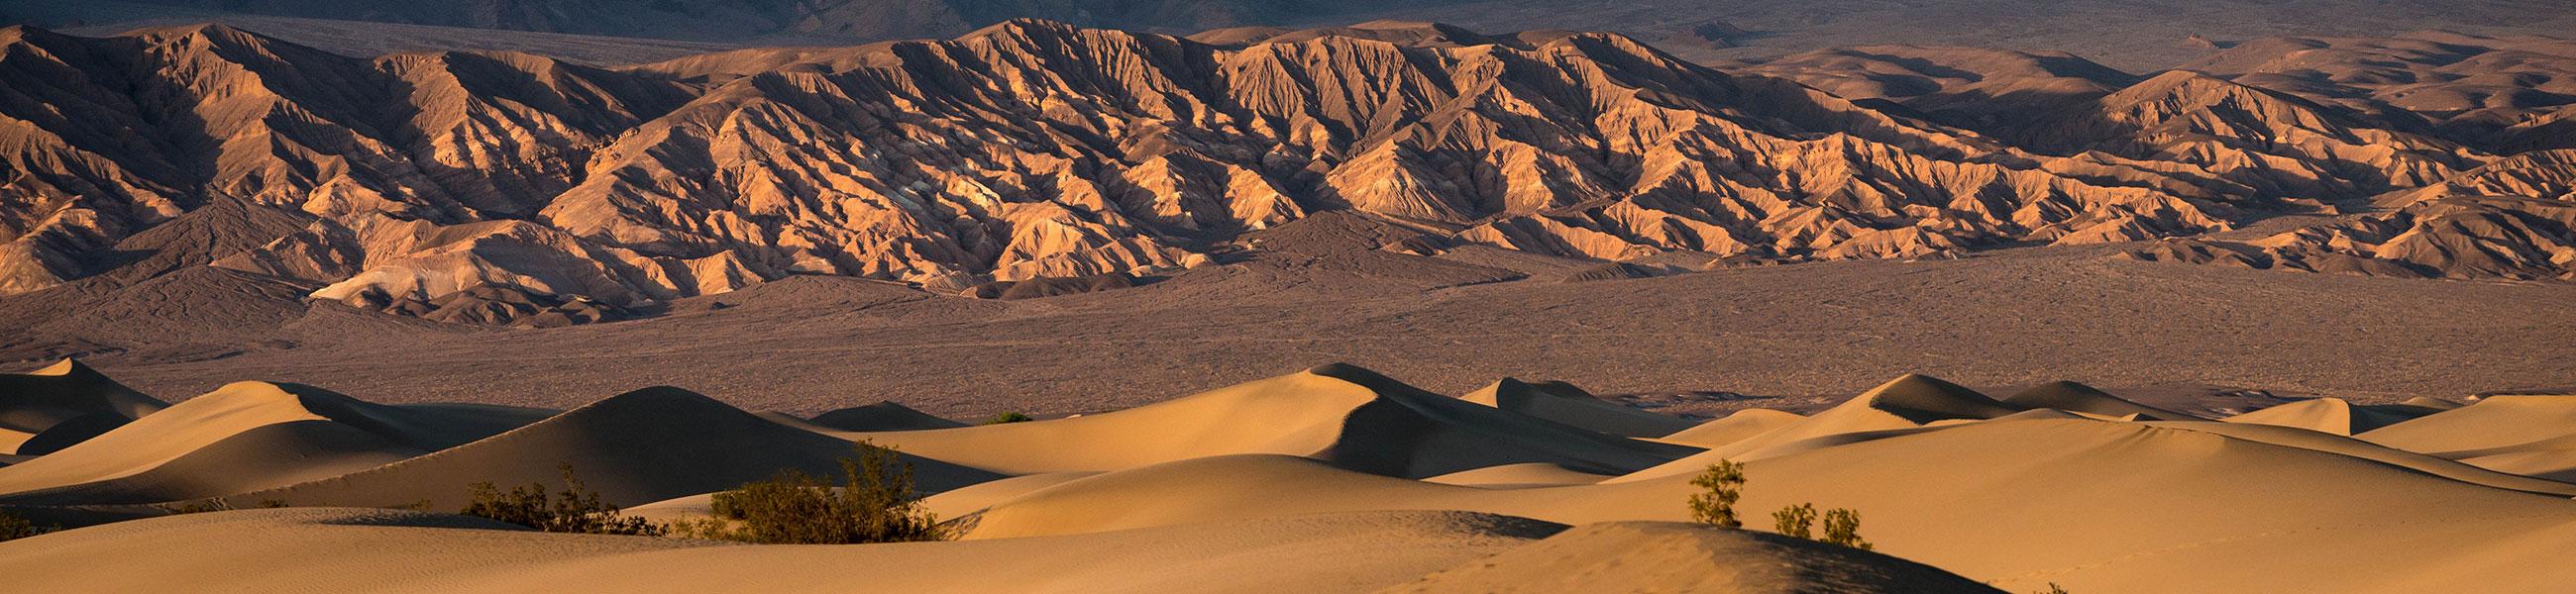 Mesquite Dunes dans la Vallée de la Mort